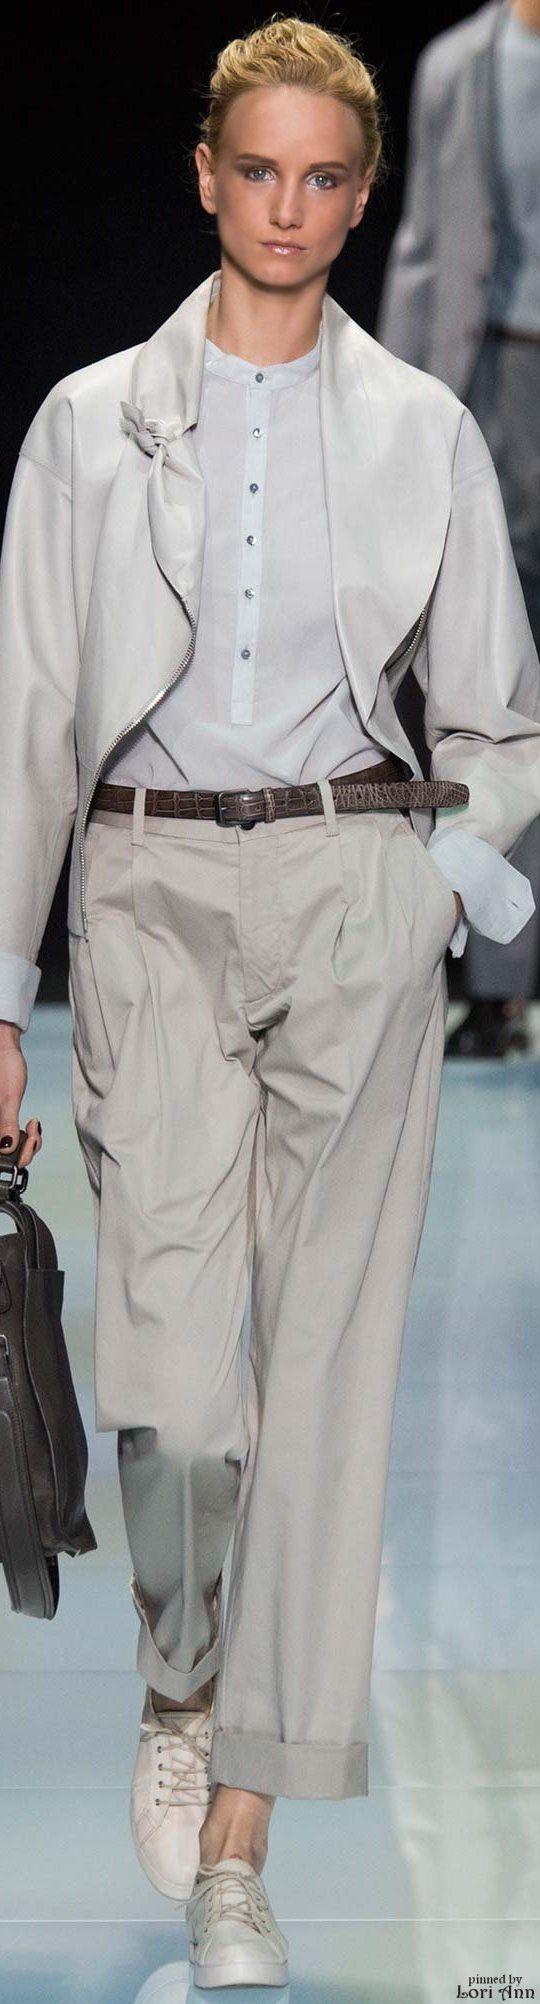 Giorgio Armani from the Menswear Collection 2016